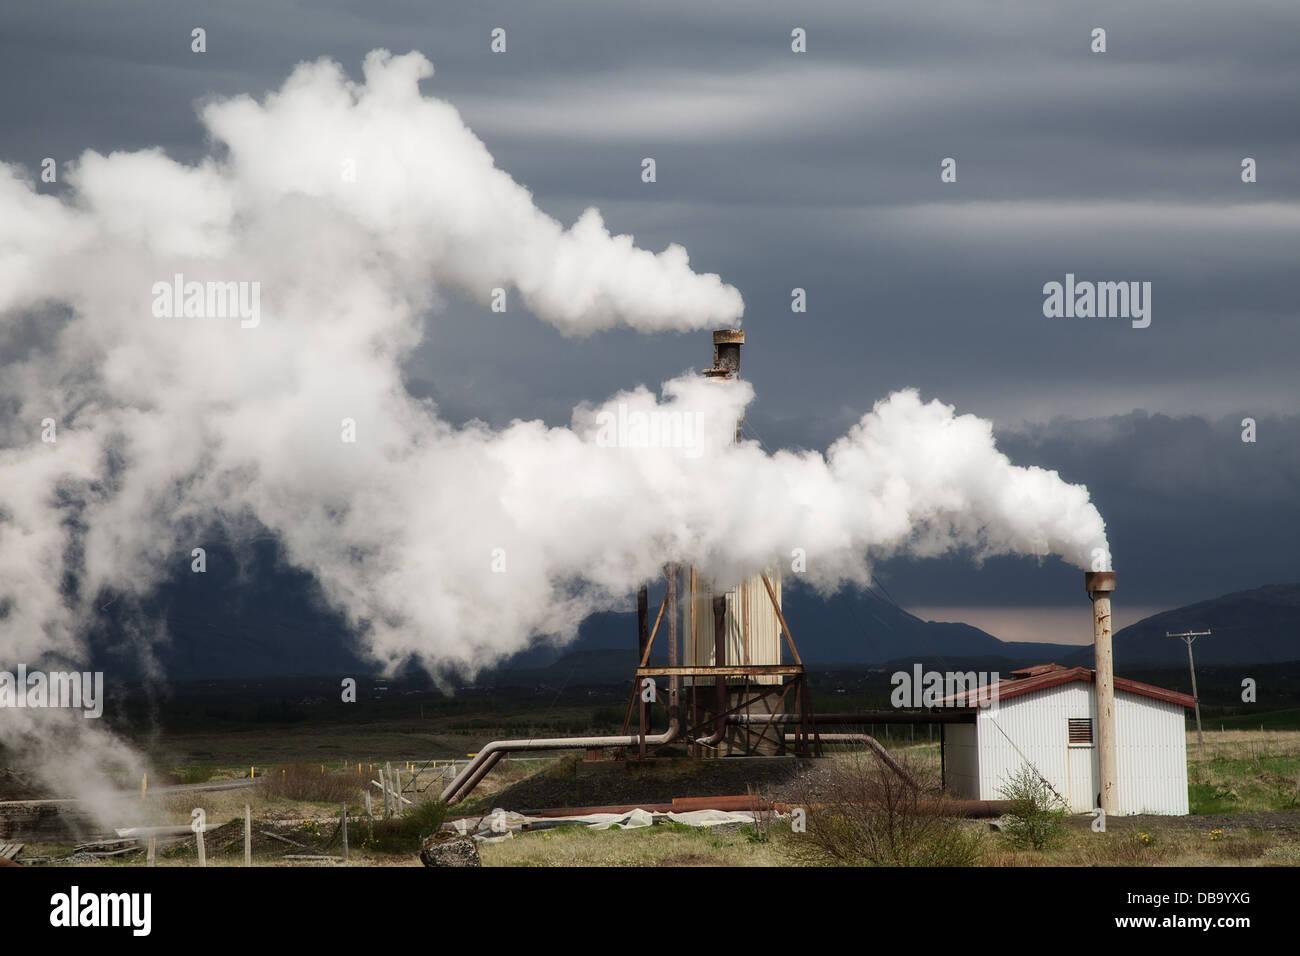 La estación de energía geotérmica verde alternativa sostenible y energía limpia pequeña Imagen De Stock